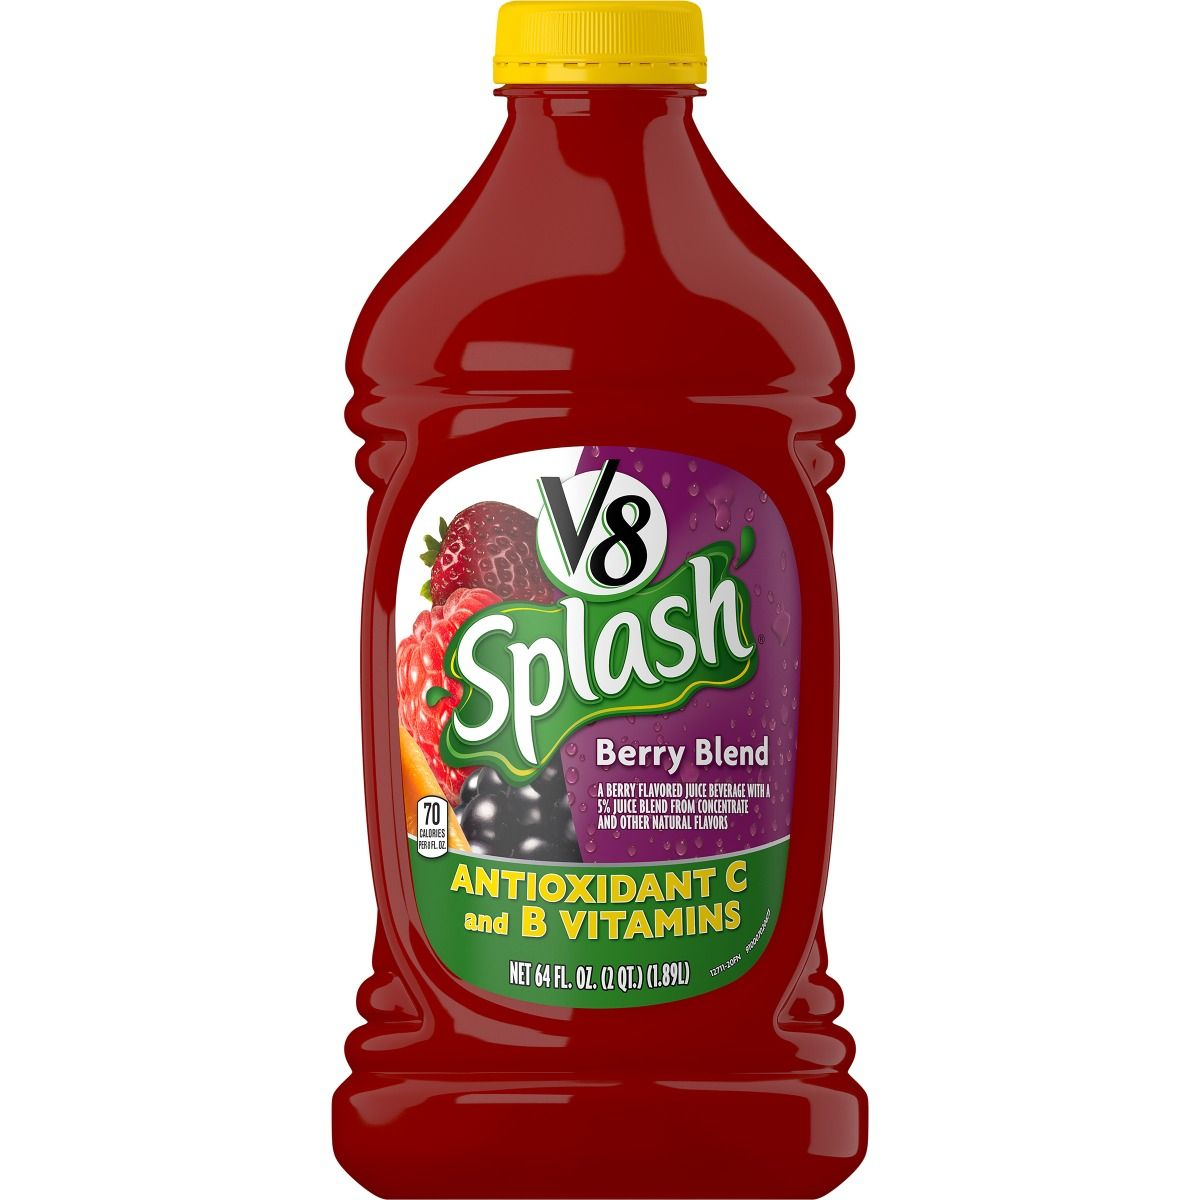 V8 Splash Berry Blend, 64 oz